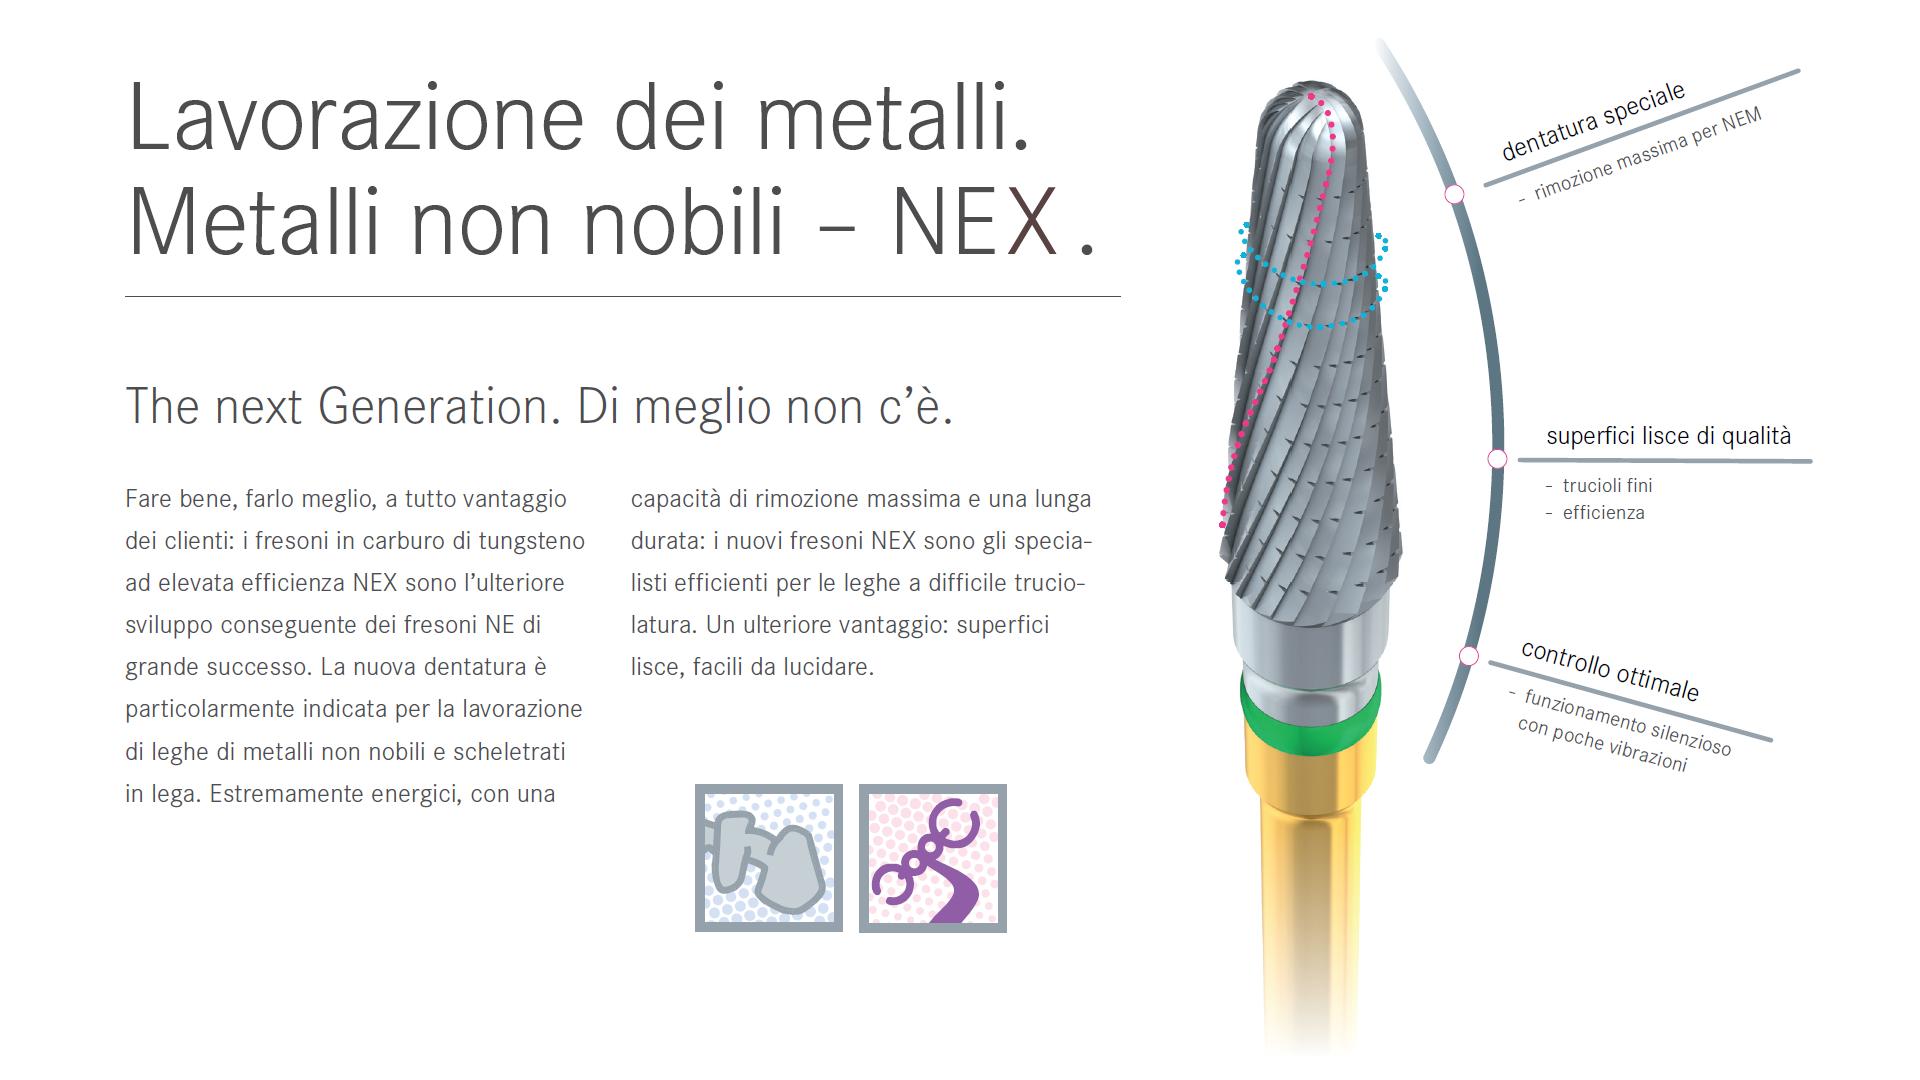 Fresoni NEX per metalli non nobili